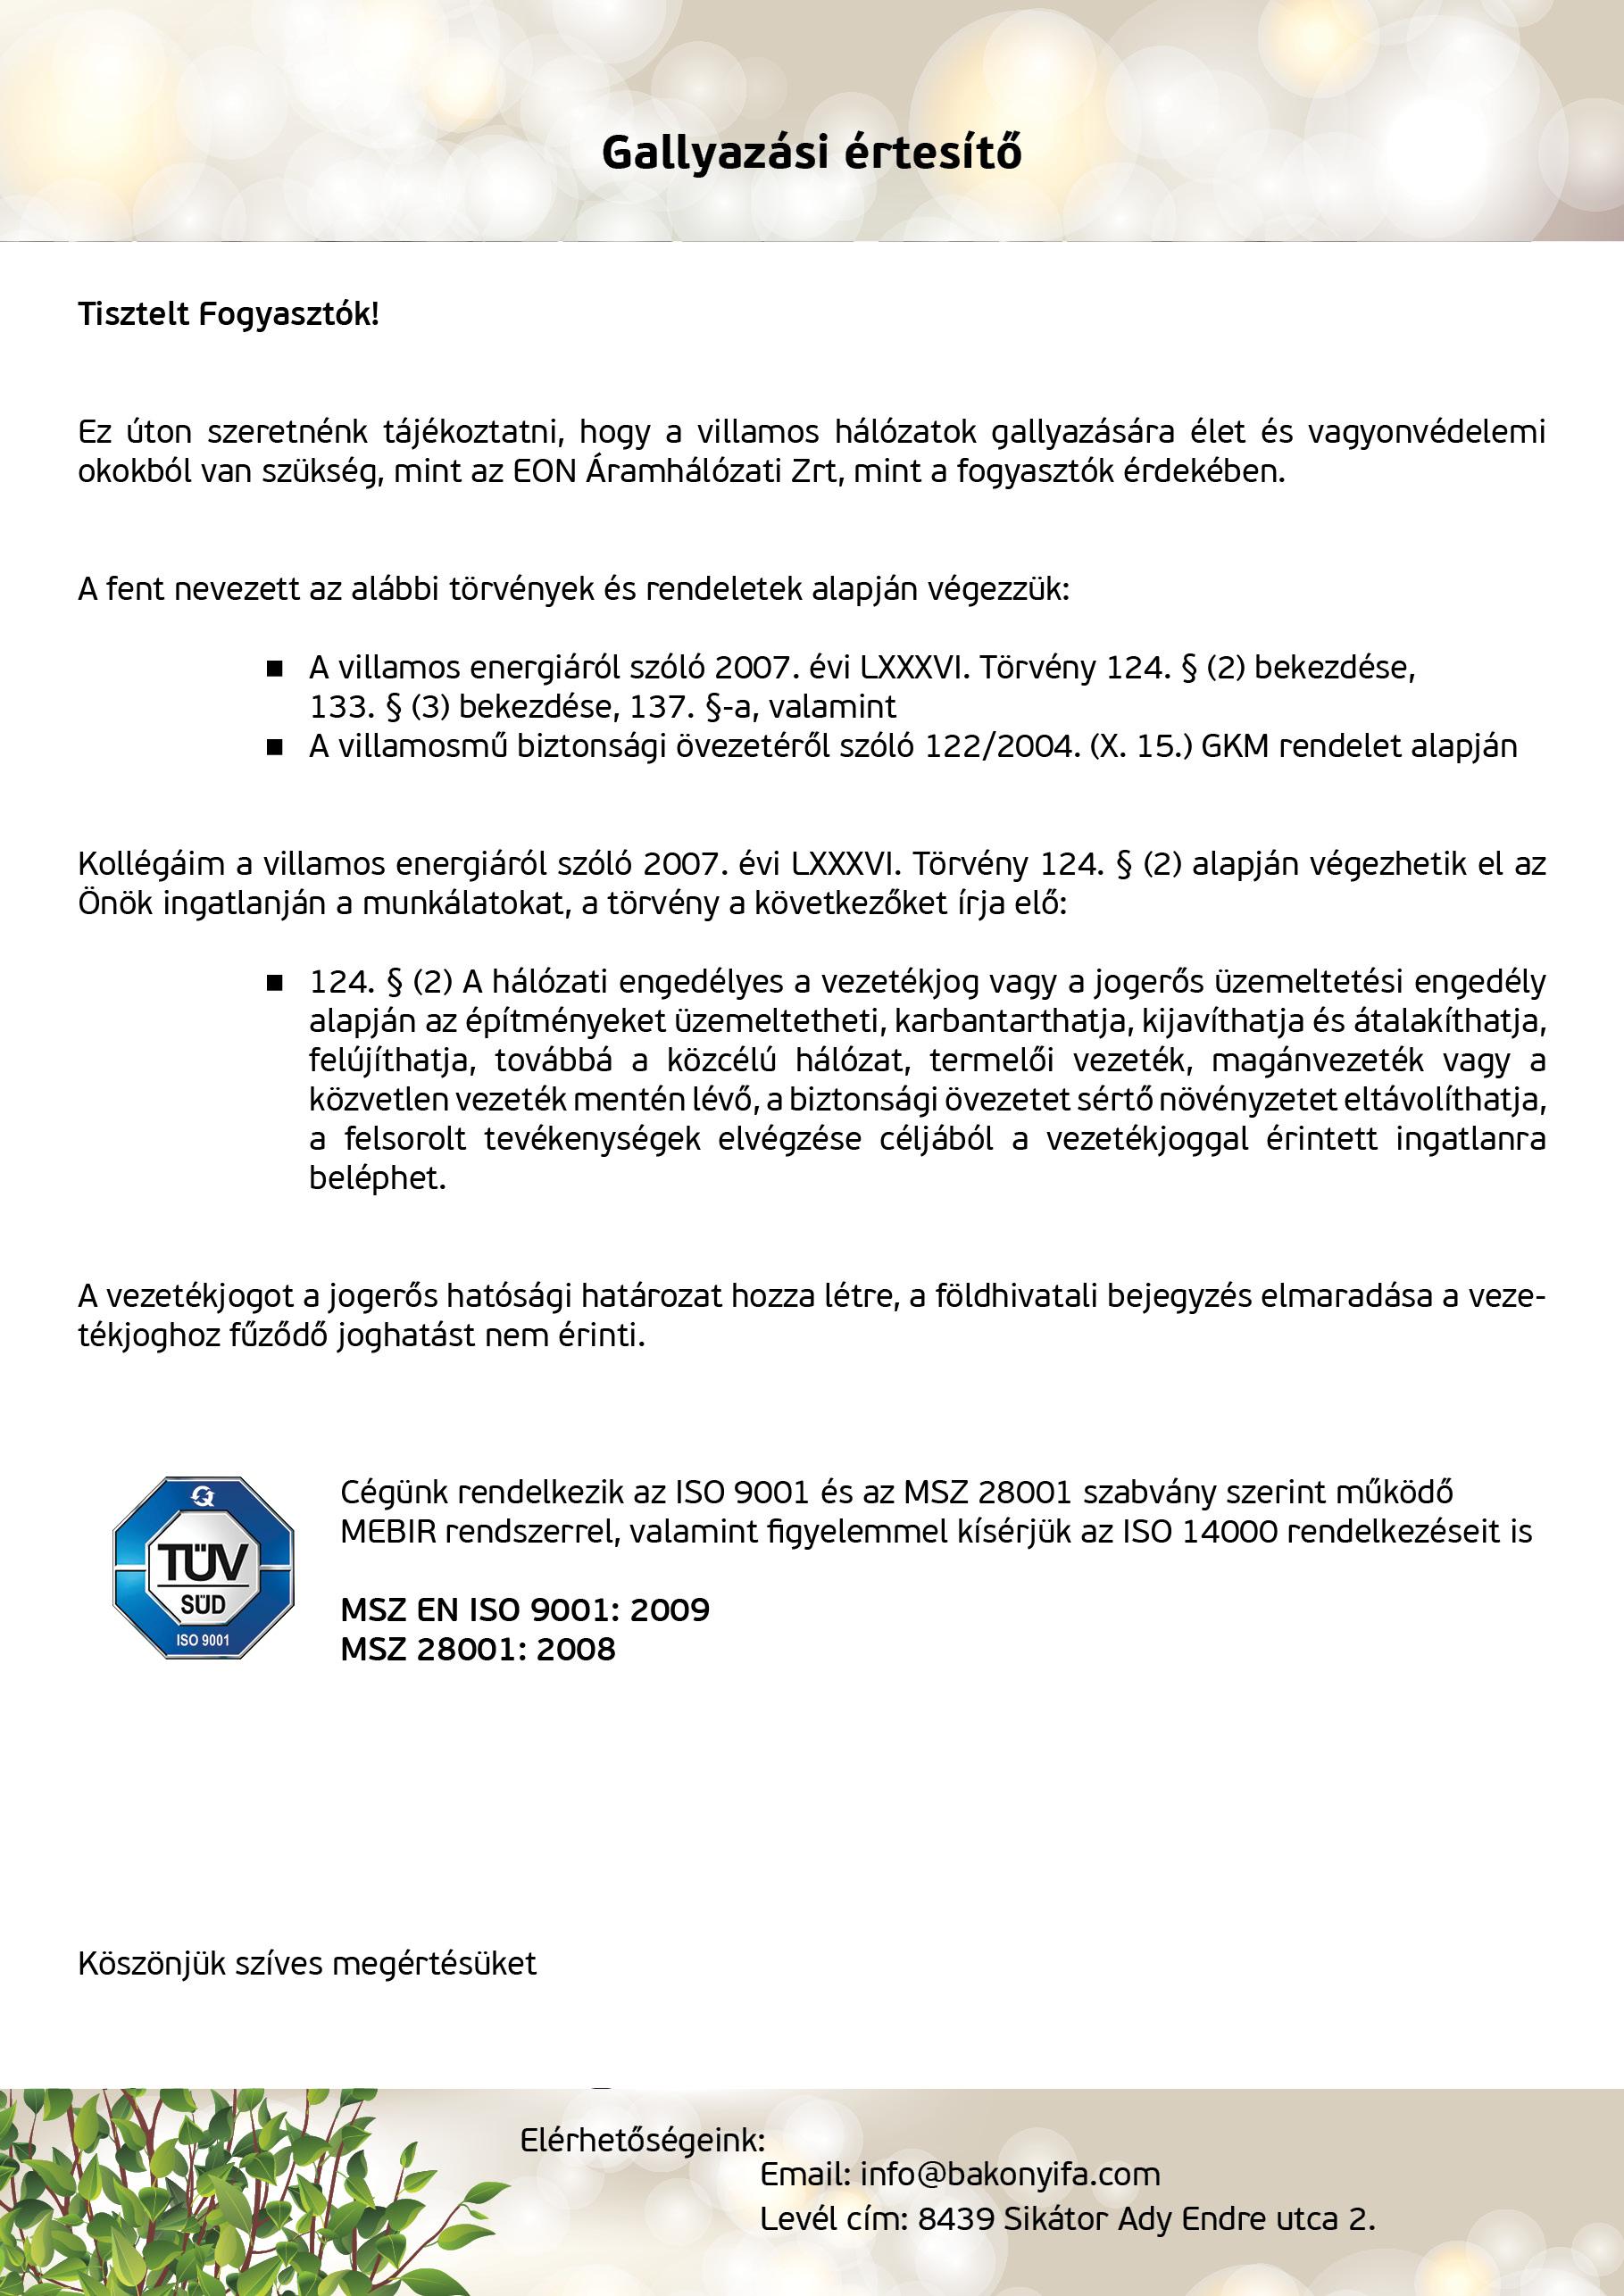 gallyazasi_ertesito1